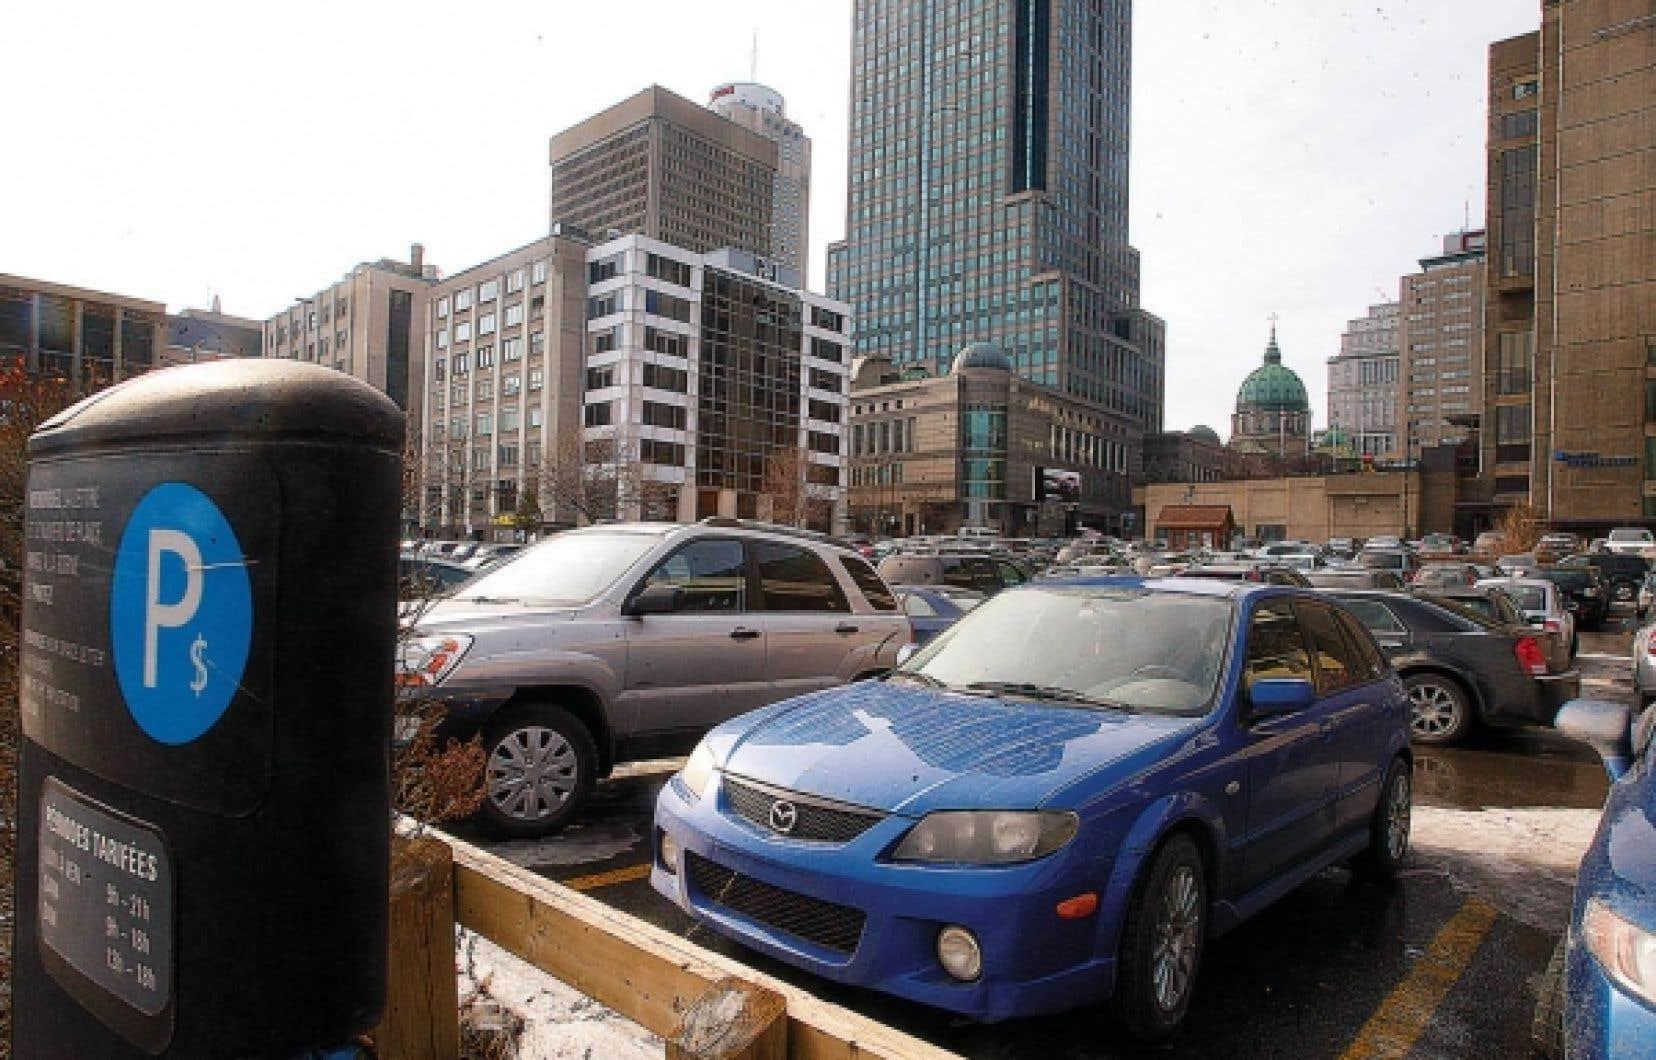 Tout en reconnaissant qu&rsquo;il y aura toujours des gens qui auront besoin de leur voiture, Montr&eacute;al souhaite d&rsquo;&eacute;liminer les aires de stationnement &agrave; ciel ouvert, inesth&eacute;tiques dans le paysage urbain.<br />